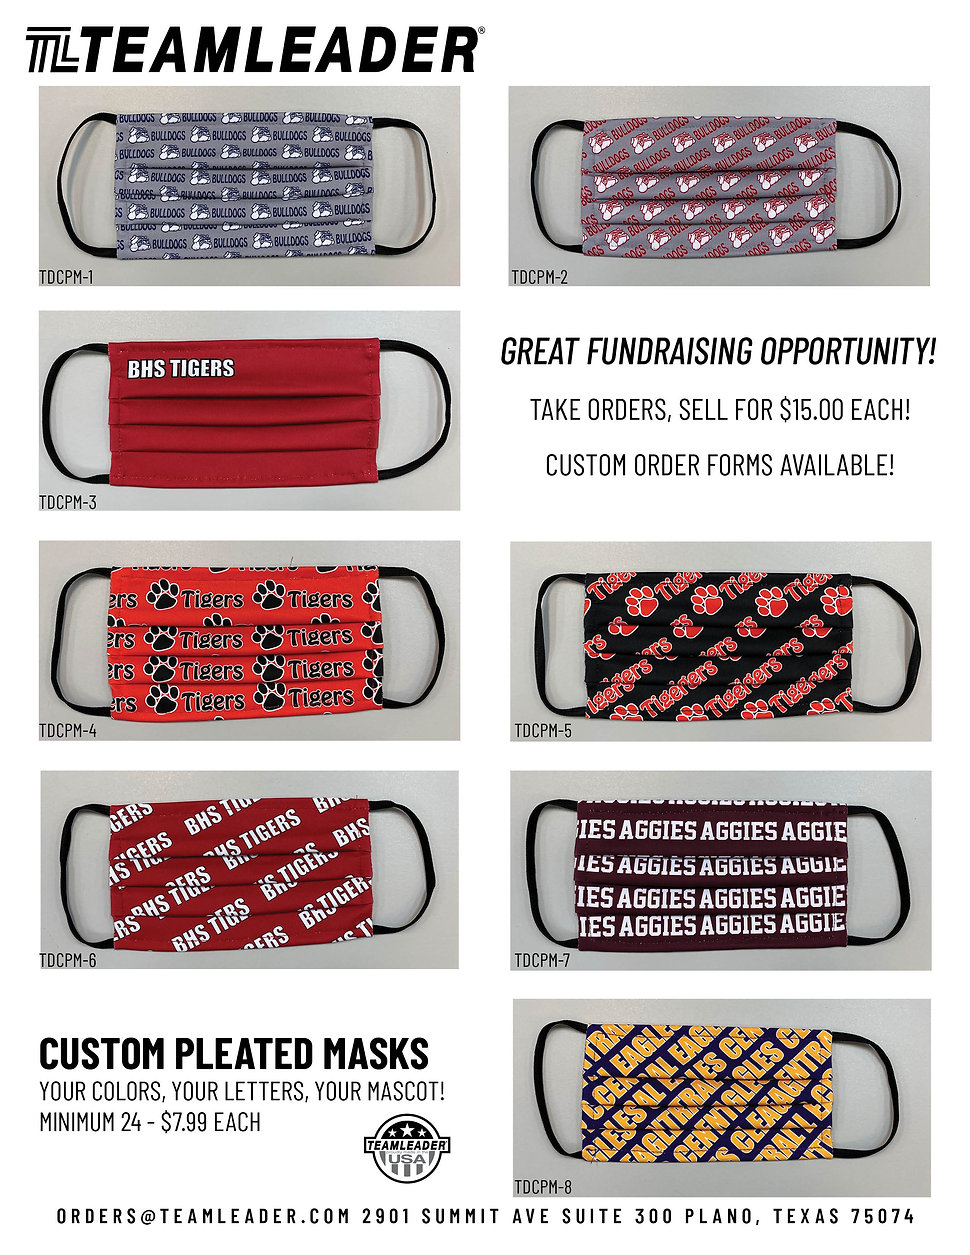 CustomSchoolPleatedaskInfoSheet.jpg